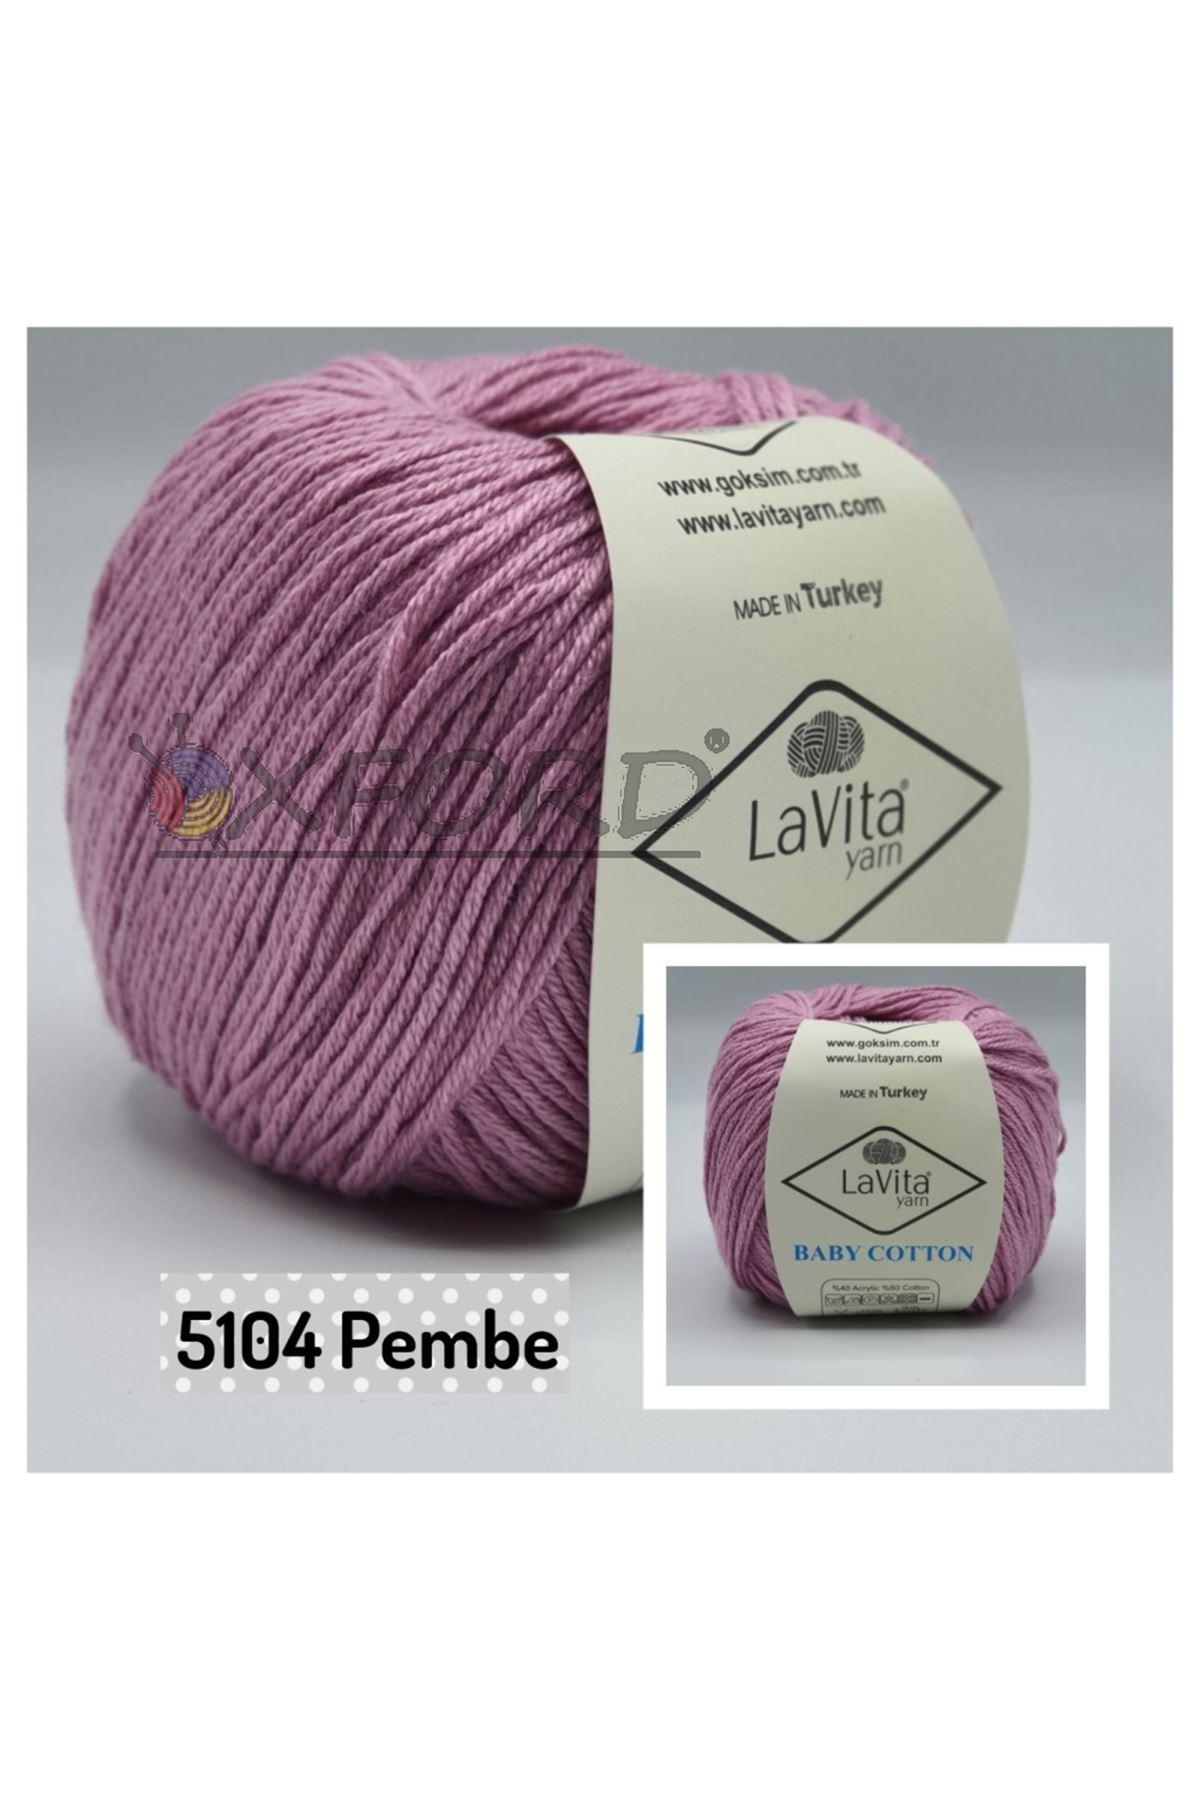 Lavita Baby Cotton 5104 Pembe